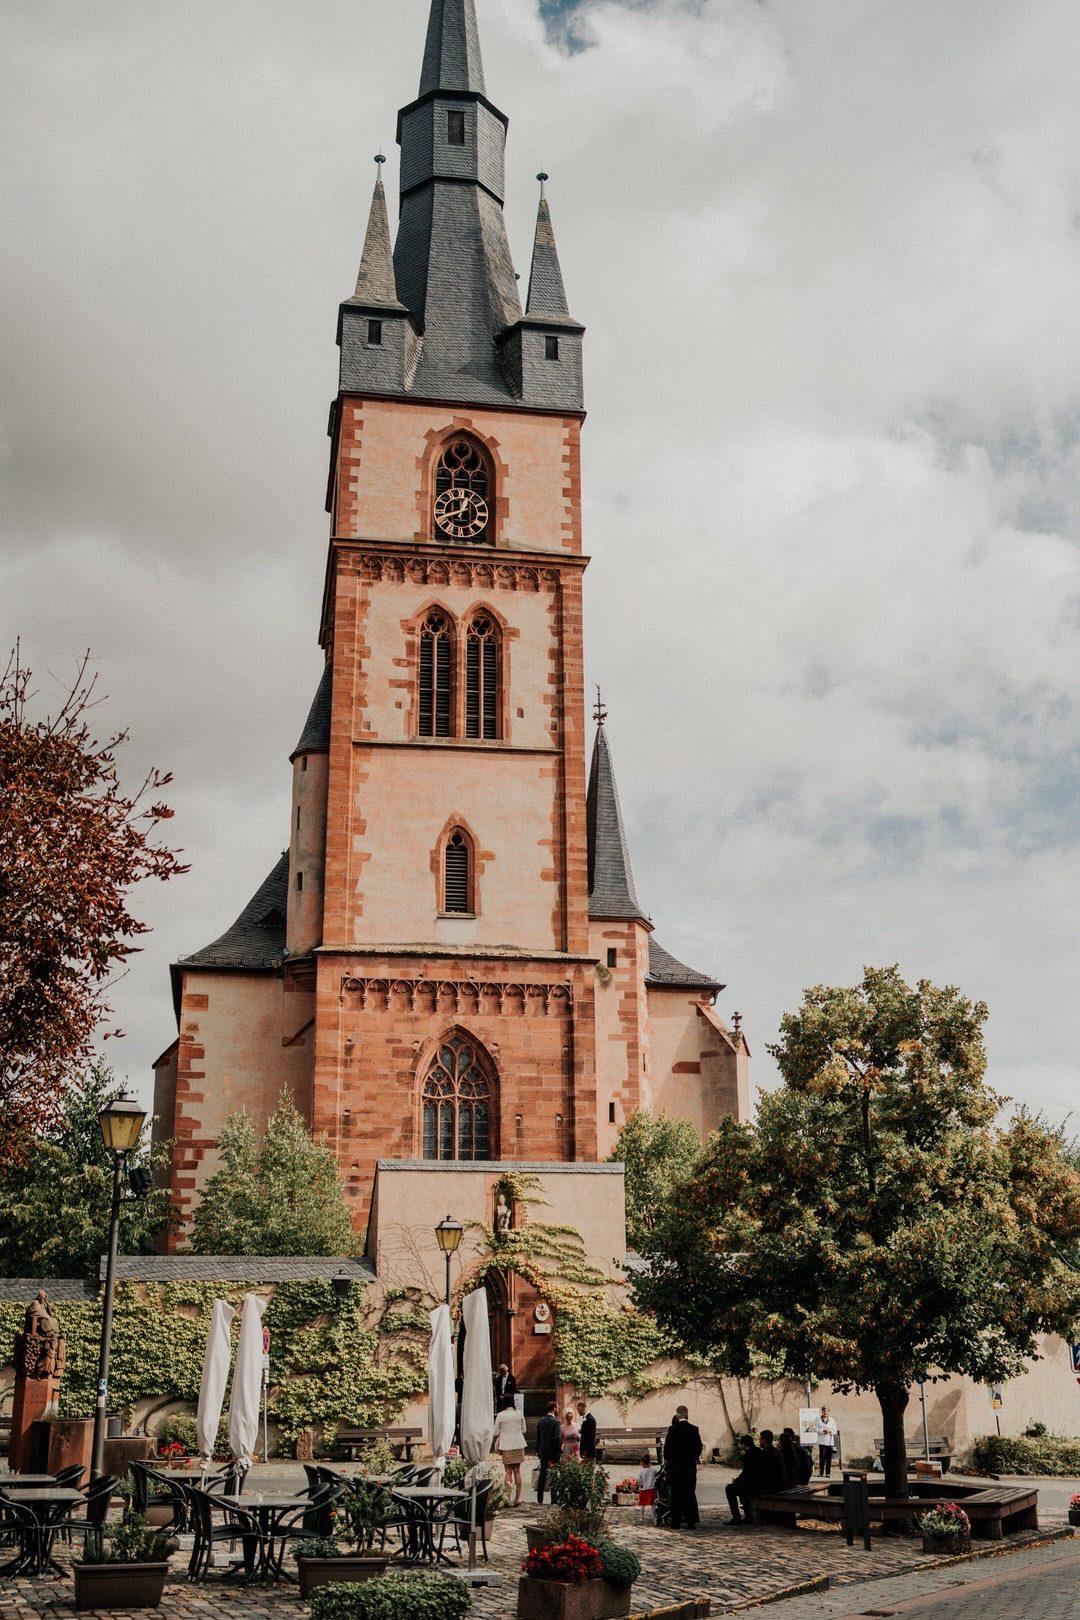 Kirchliche Trauung, Hochzeitsfotograf in Wiesbaden